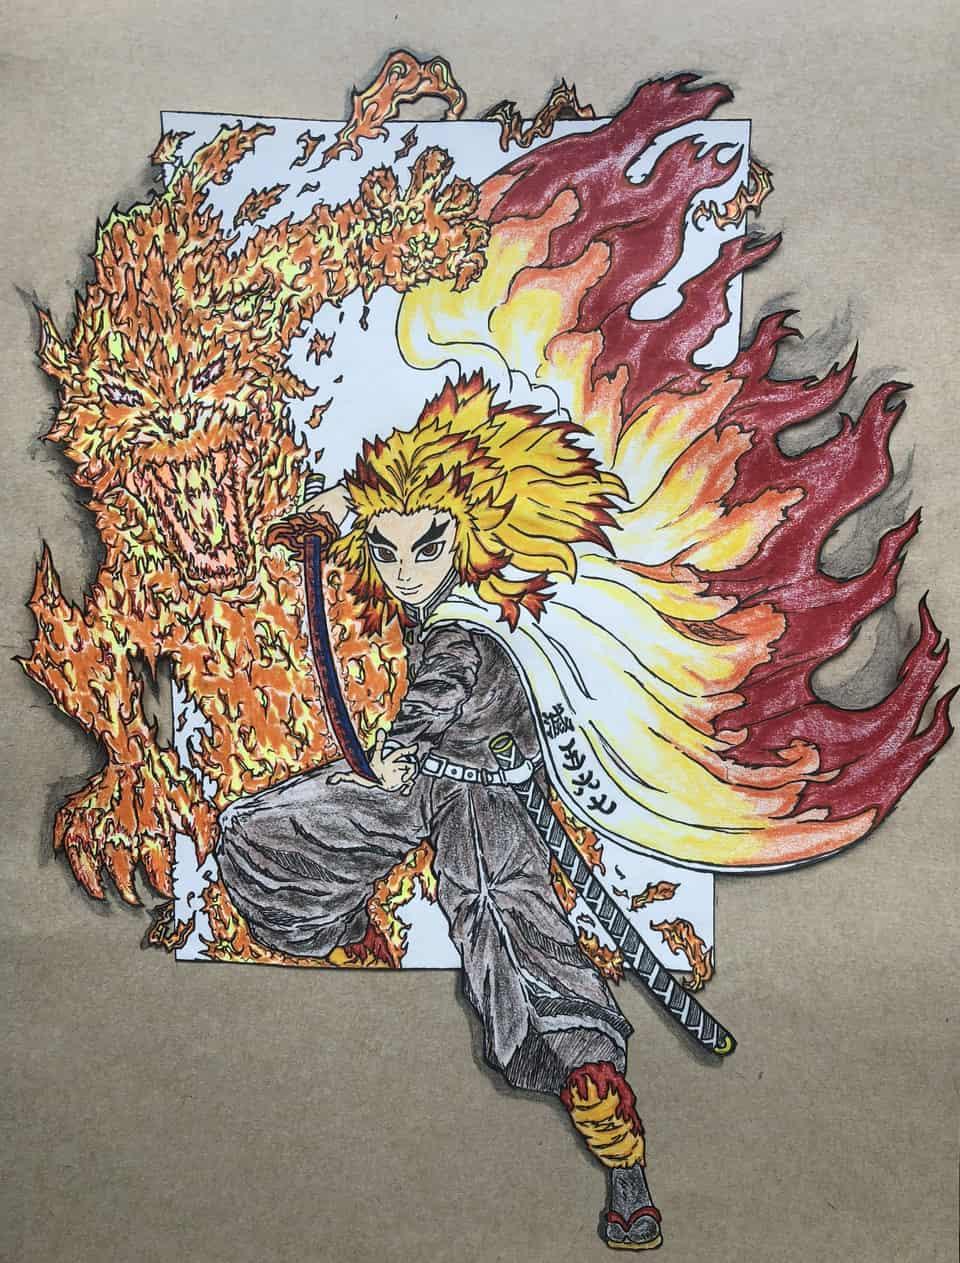 『赫き想い』 Illust of ミュウ DemonSlayerFanartContest RengokuKyoujurou illustration コロナに負けるな KimetsunoYaiba